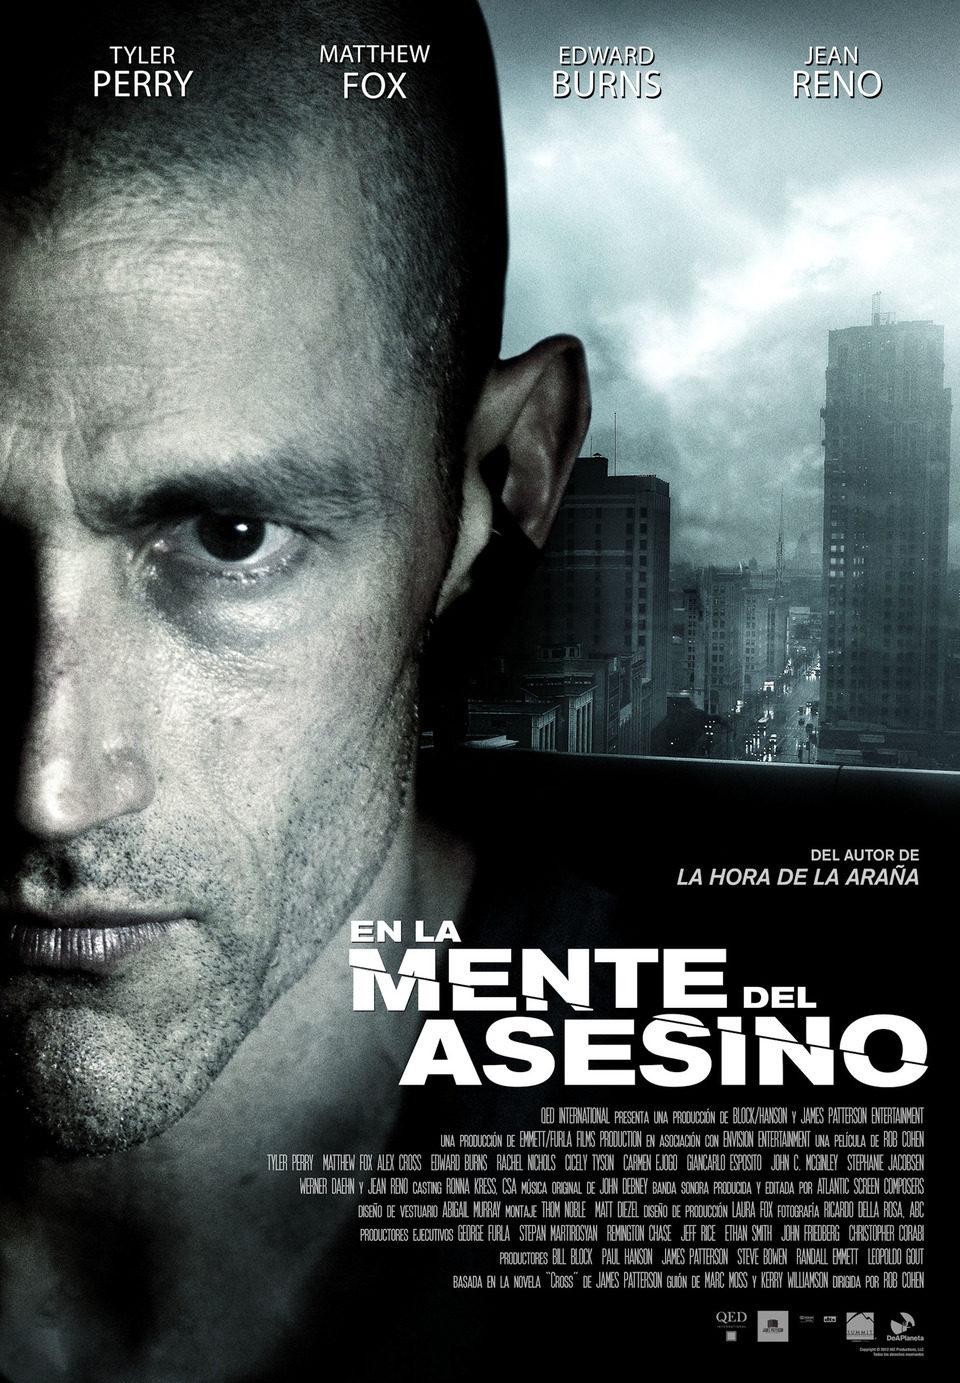 Cartel España de 'En la mente del asesino'